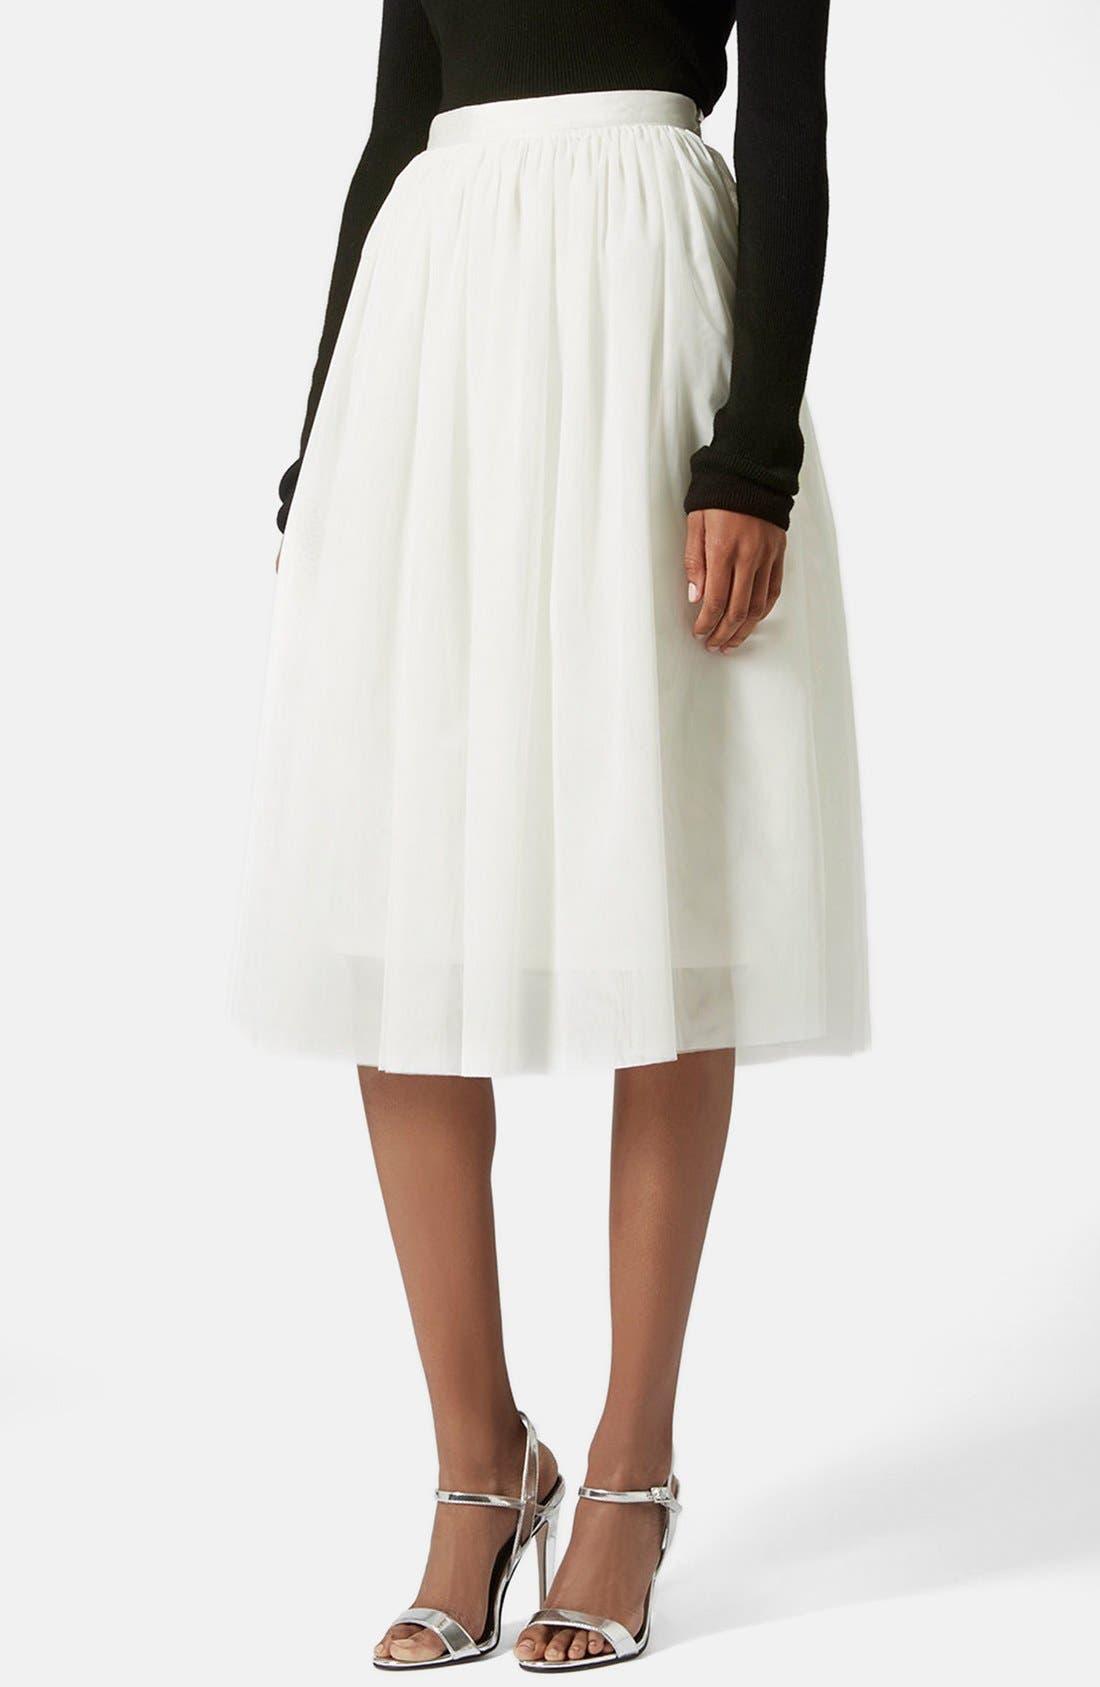 Alternate Image 1 Selected - Topshop Ballerina Tulle Skirt